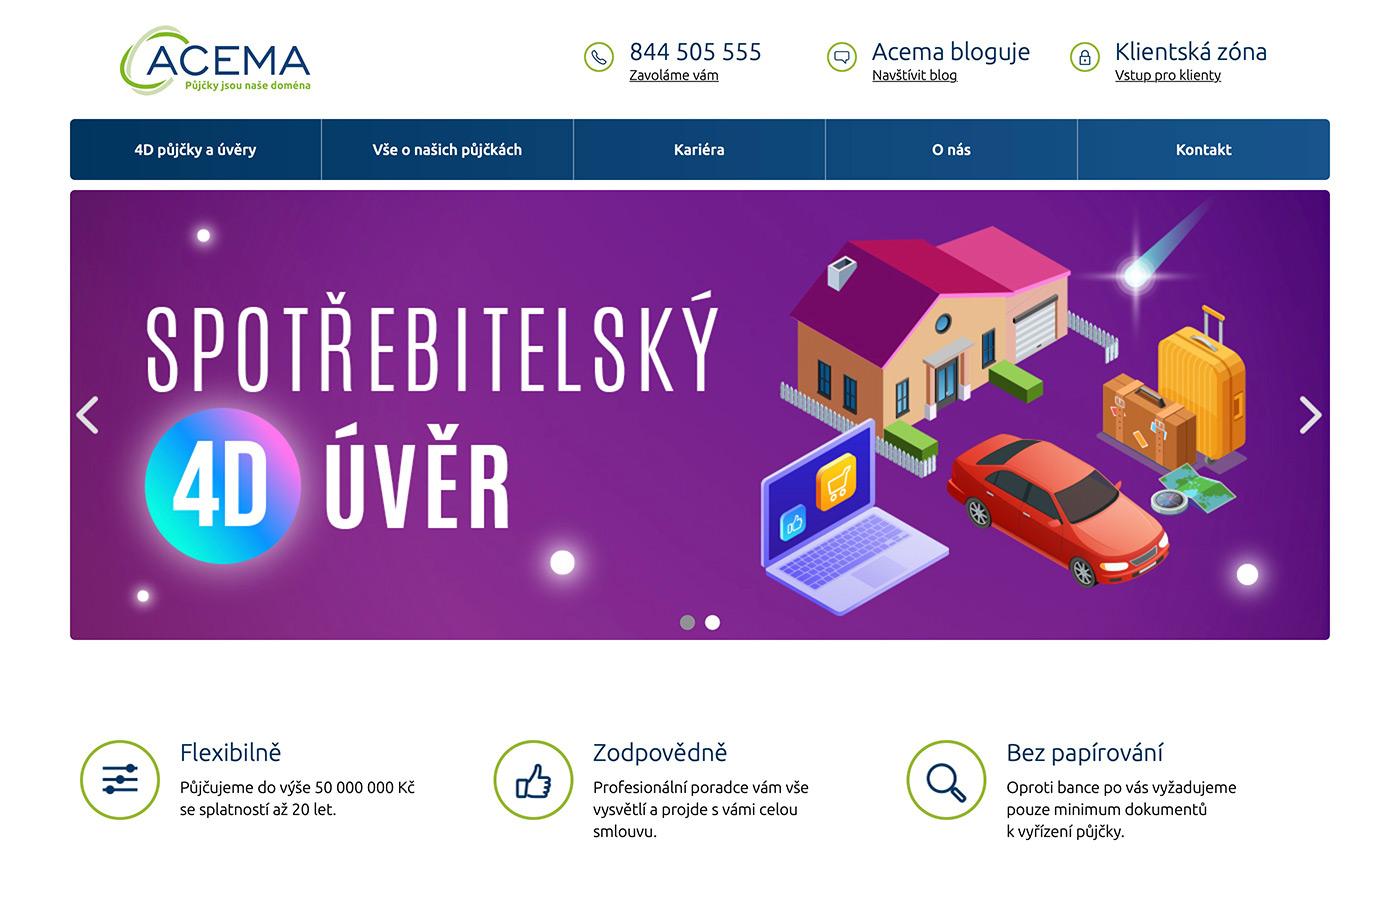 Webové stránky https://www.acema.cz